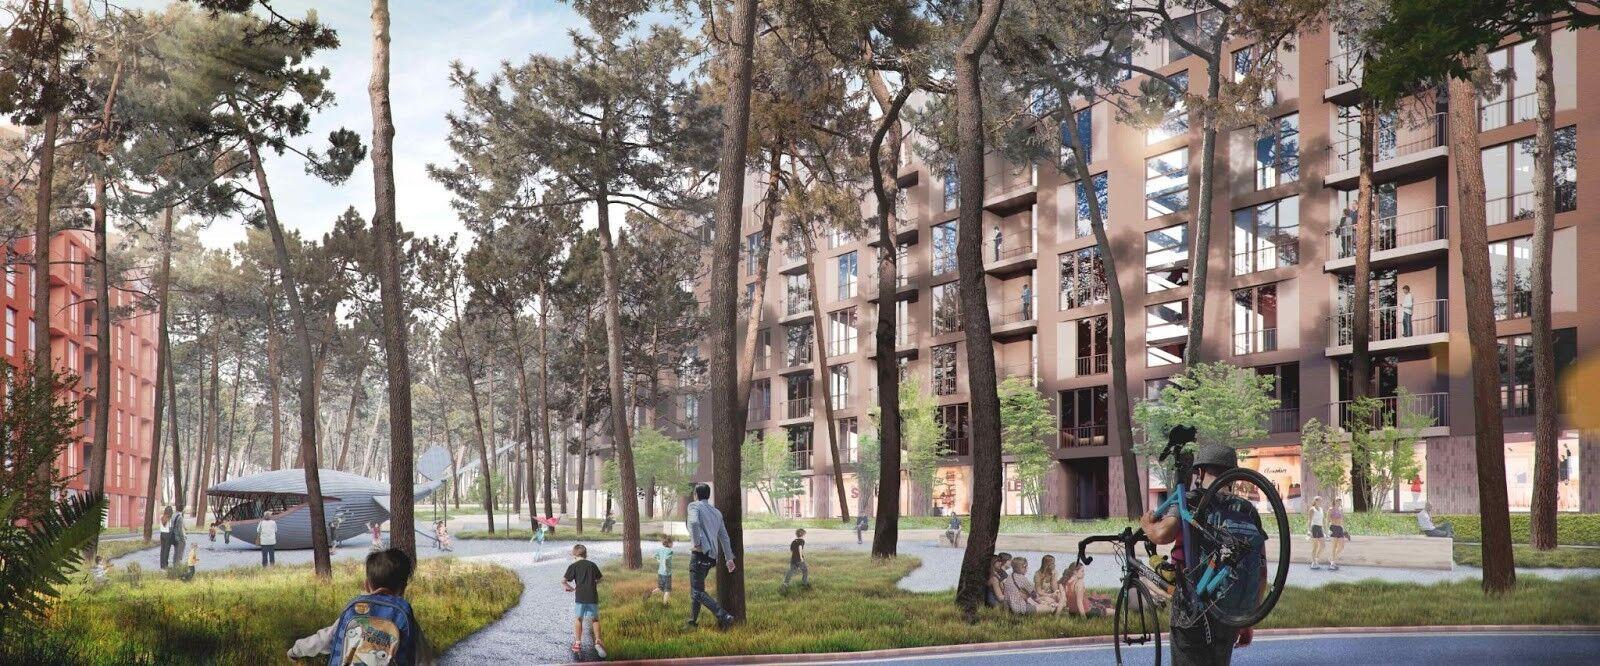 О2 Residence разделен на внешний и внутренний дворы, бульвар, набережную и парки для отдыха